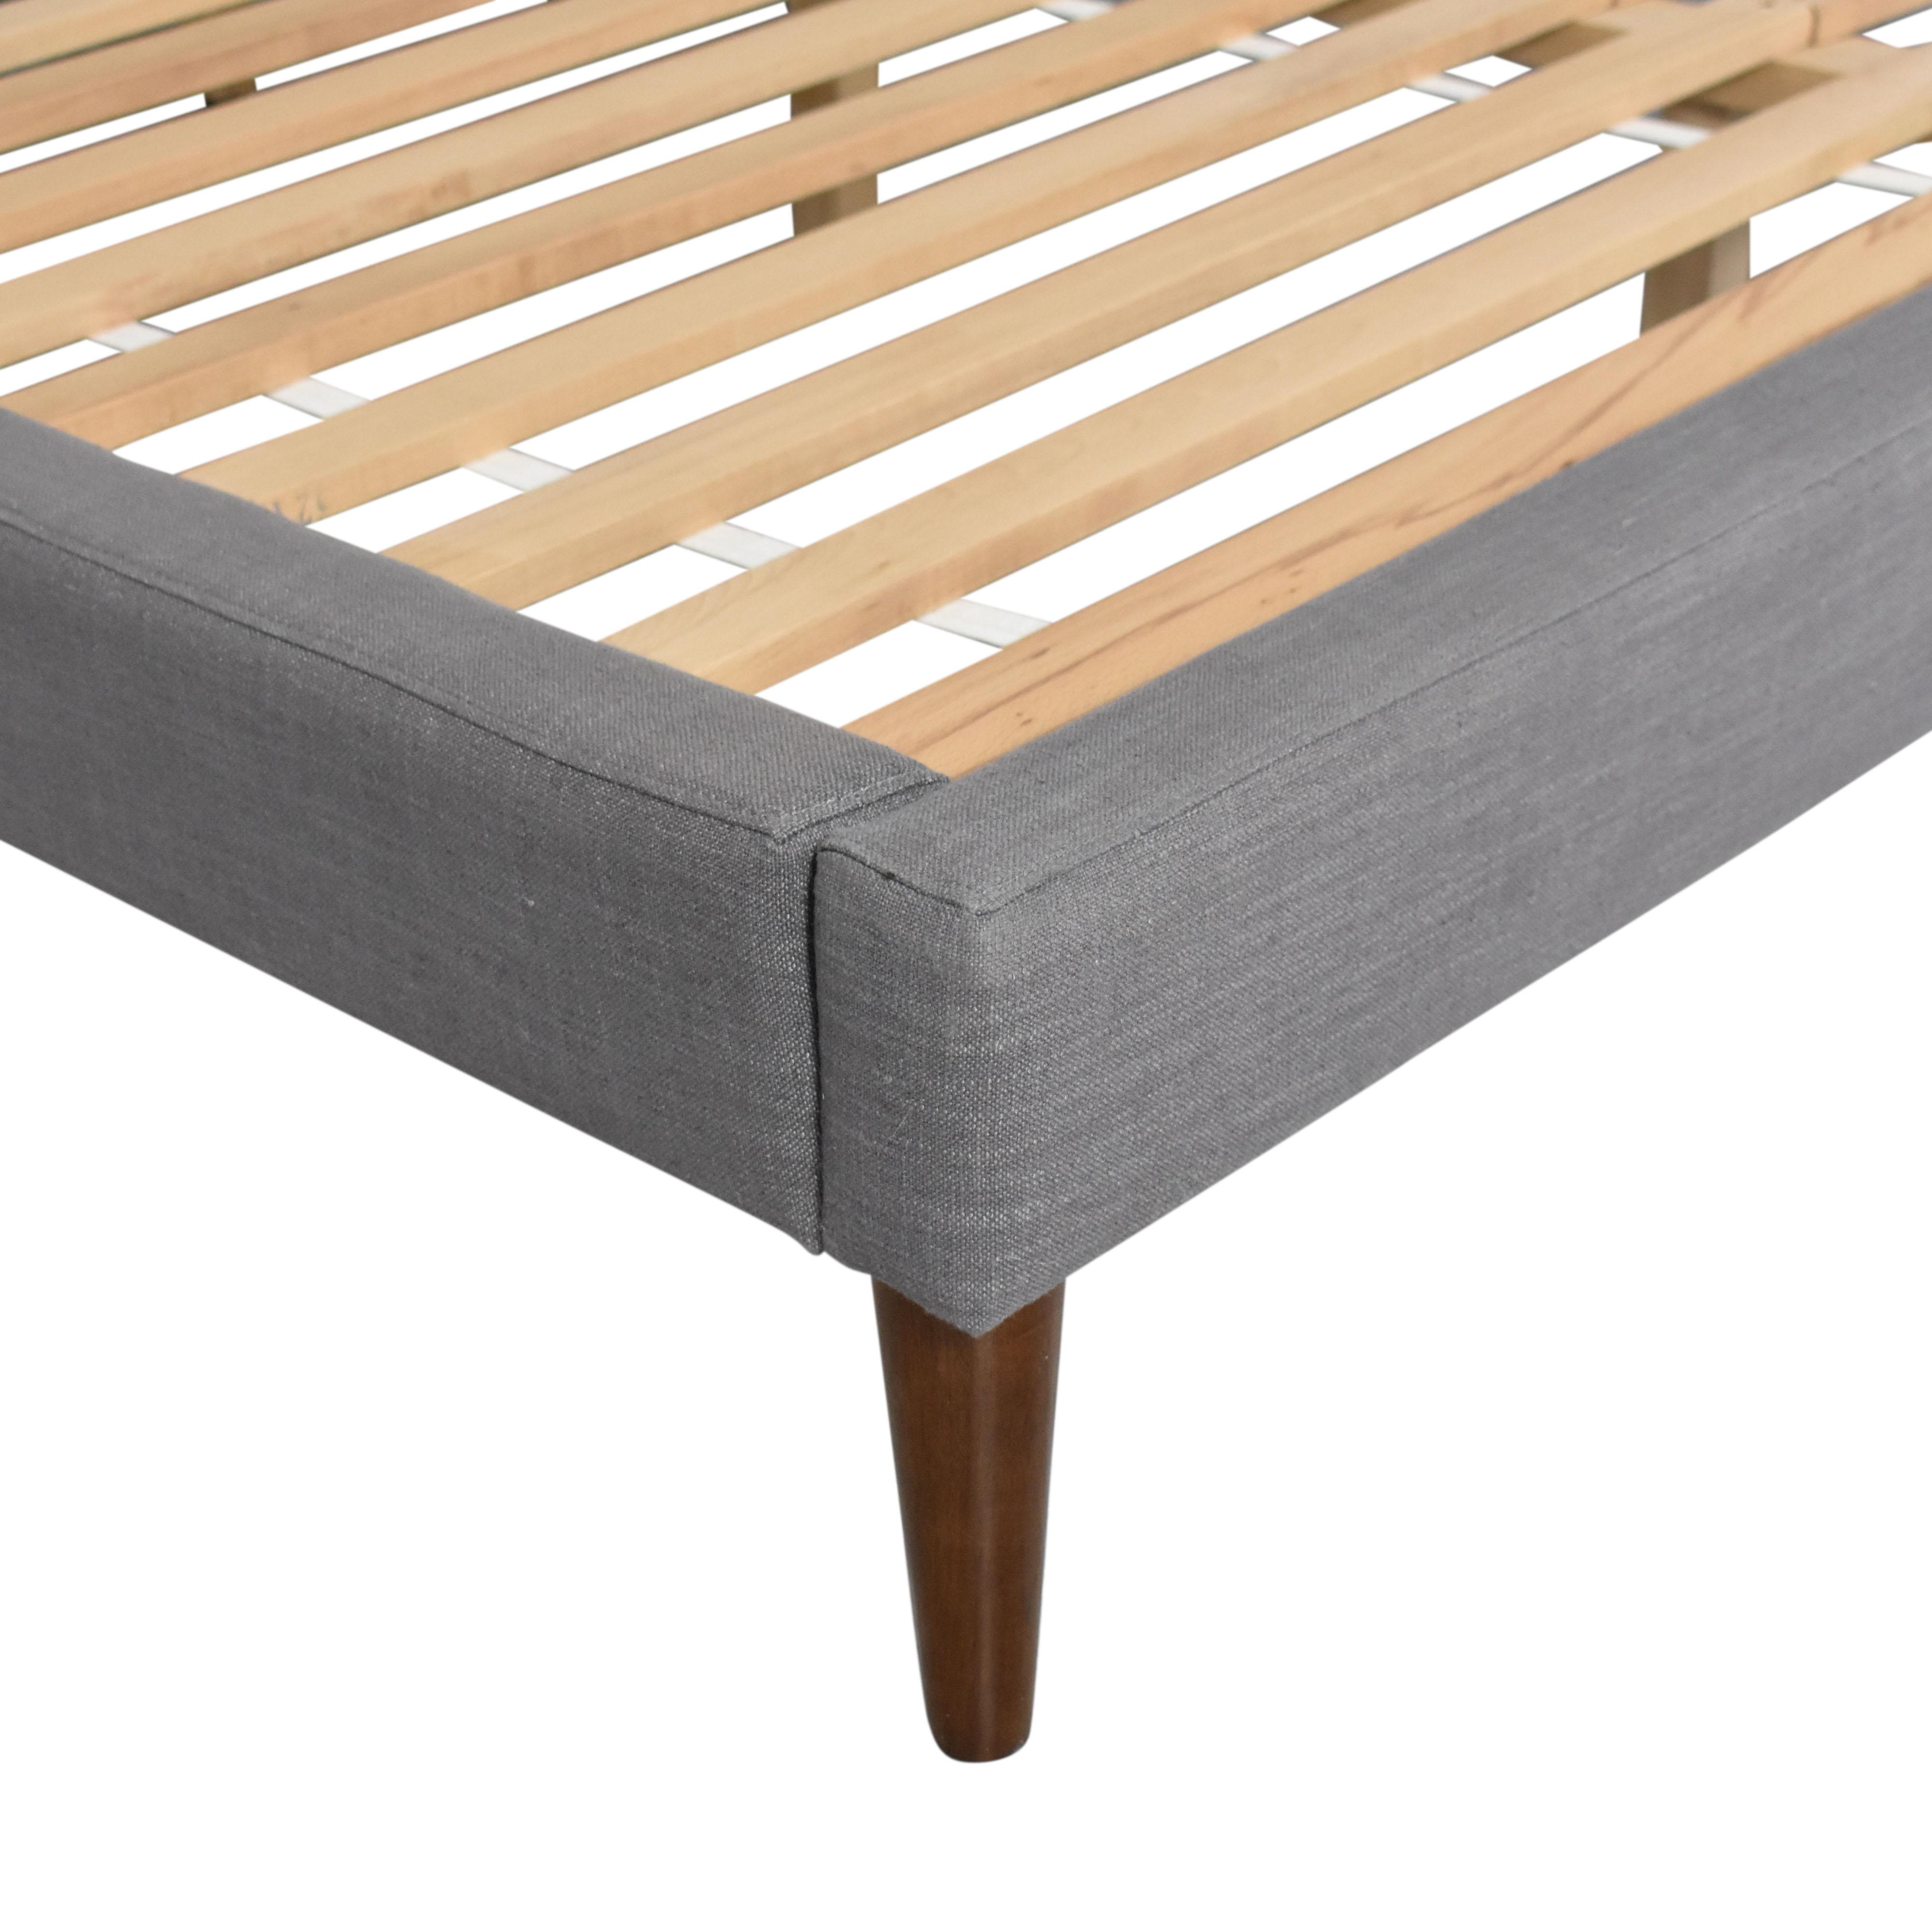 buy West Elm Grid-Tufted Upholstered Tapered Leg King Bed West Elm